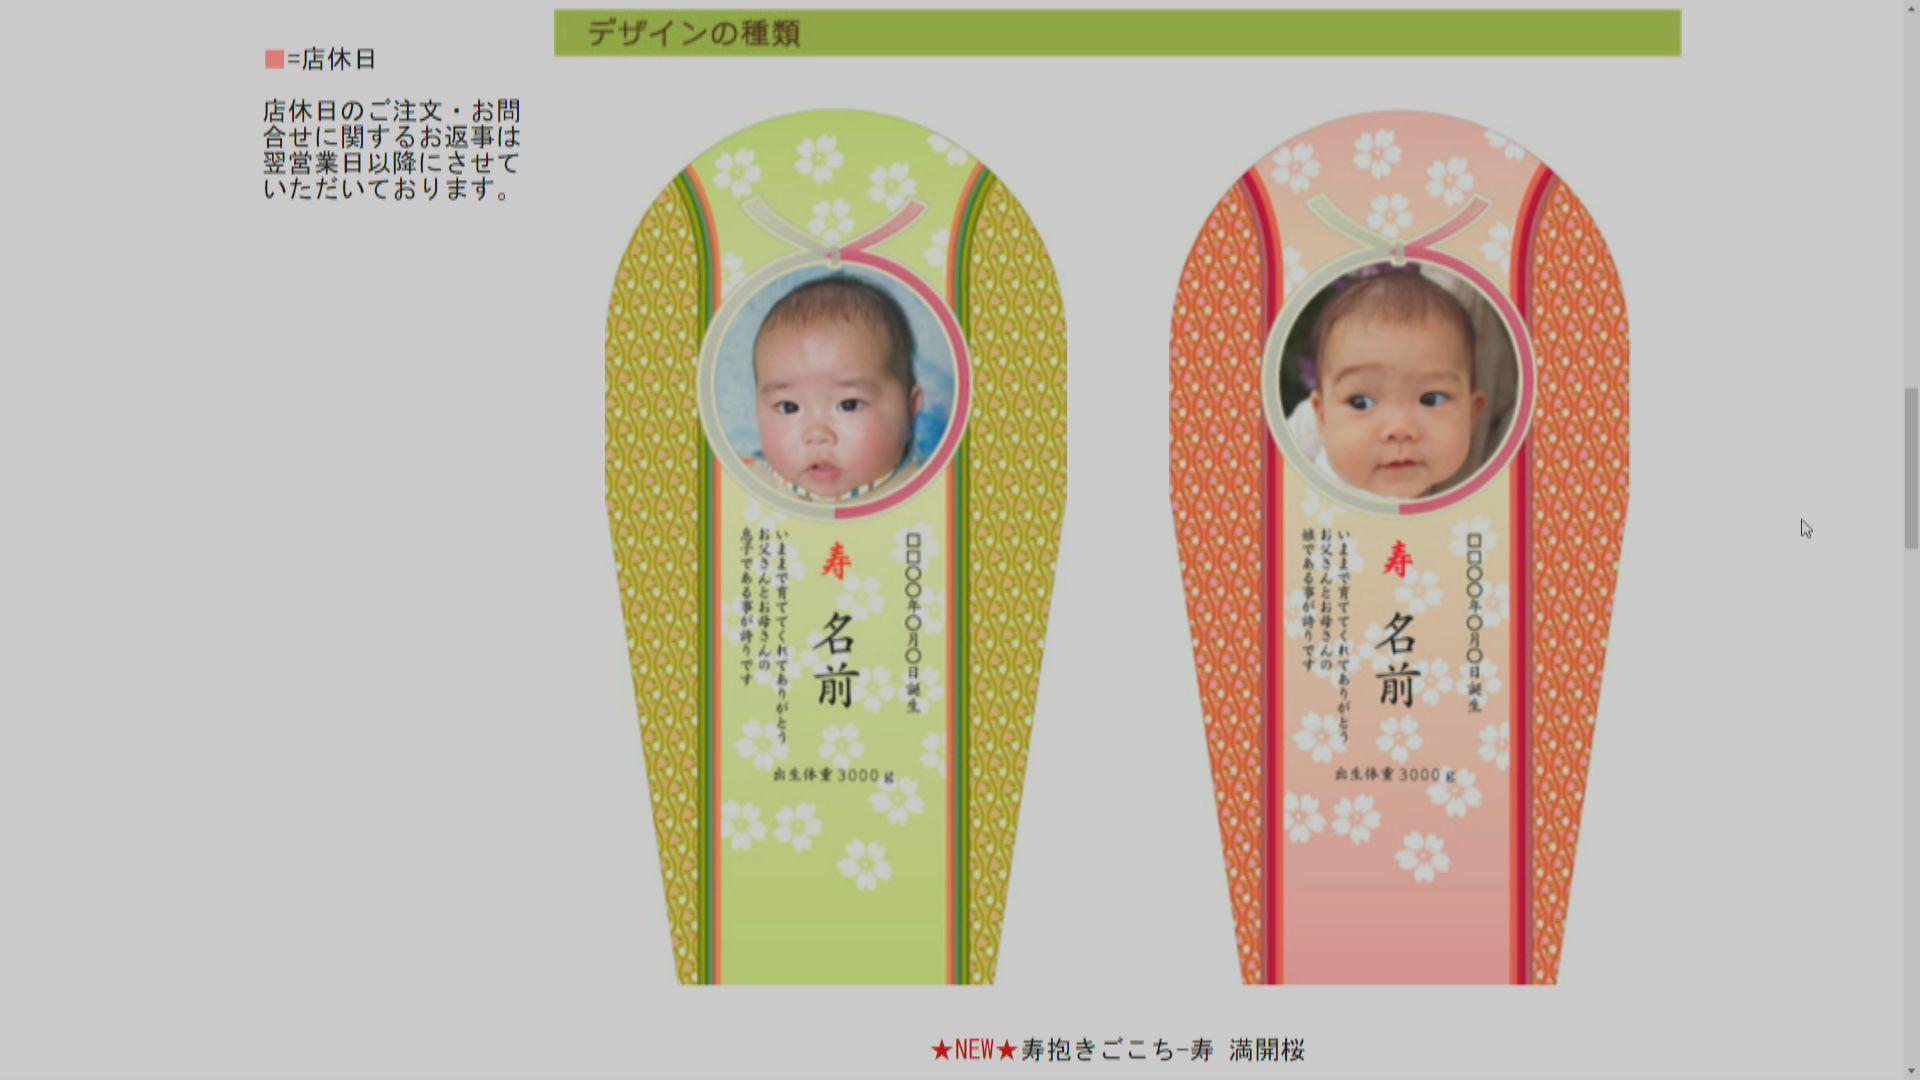 【環球薈報】日本米店設計嬰兒狀米袋 讓遠方親友可以體驗抱新生寶寶感覺